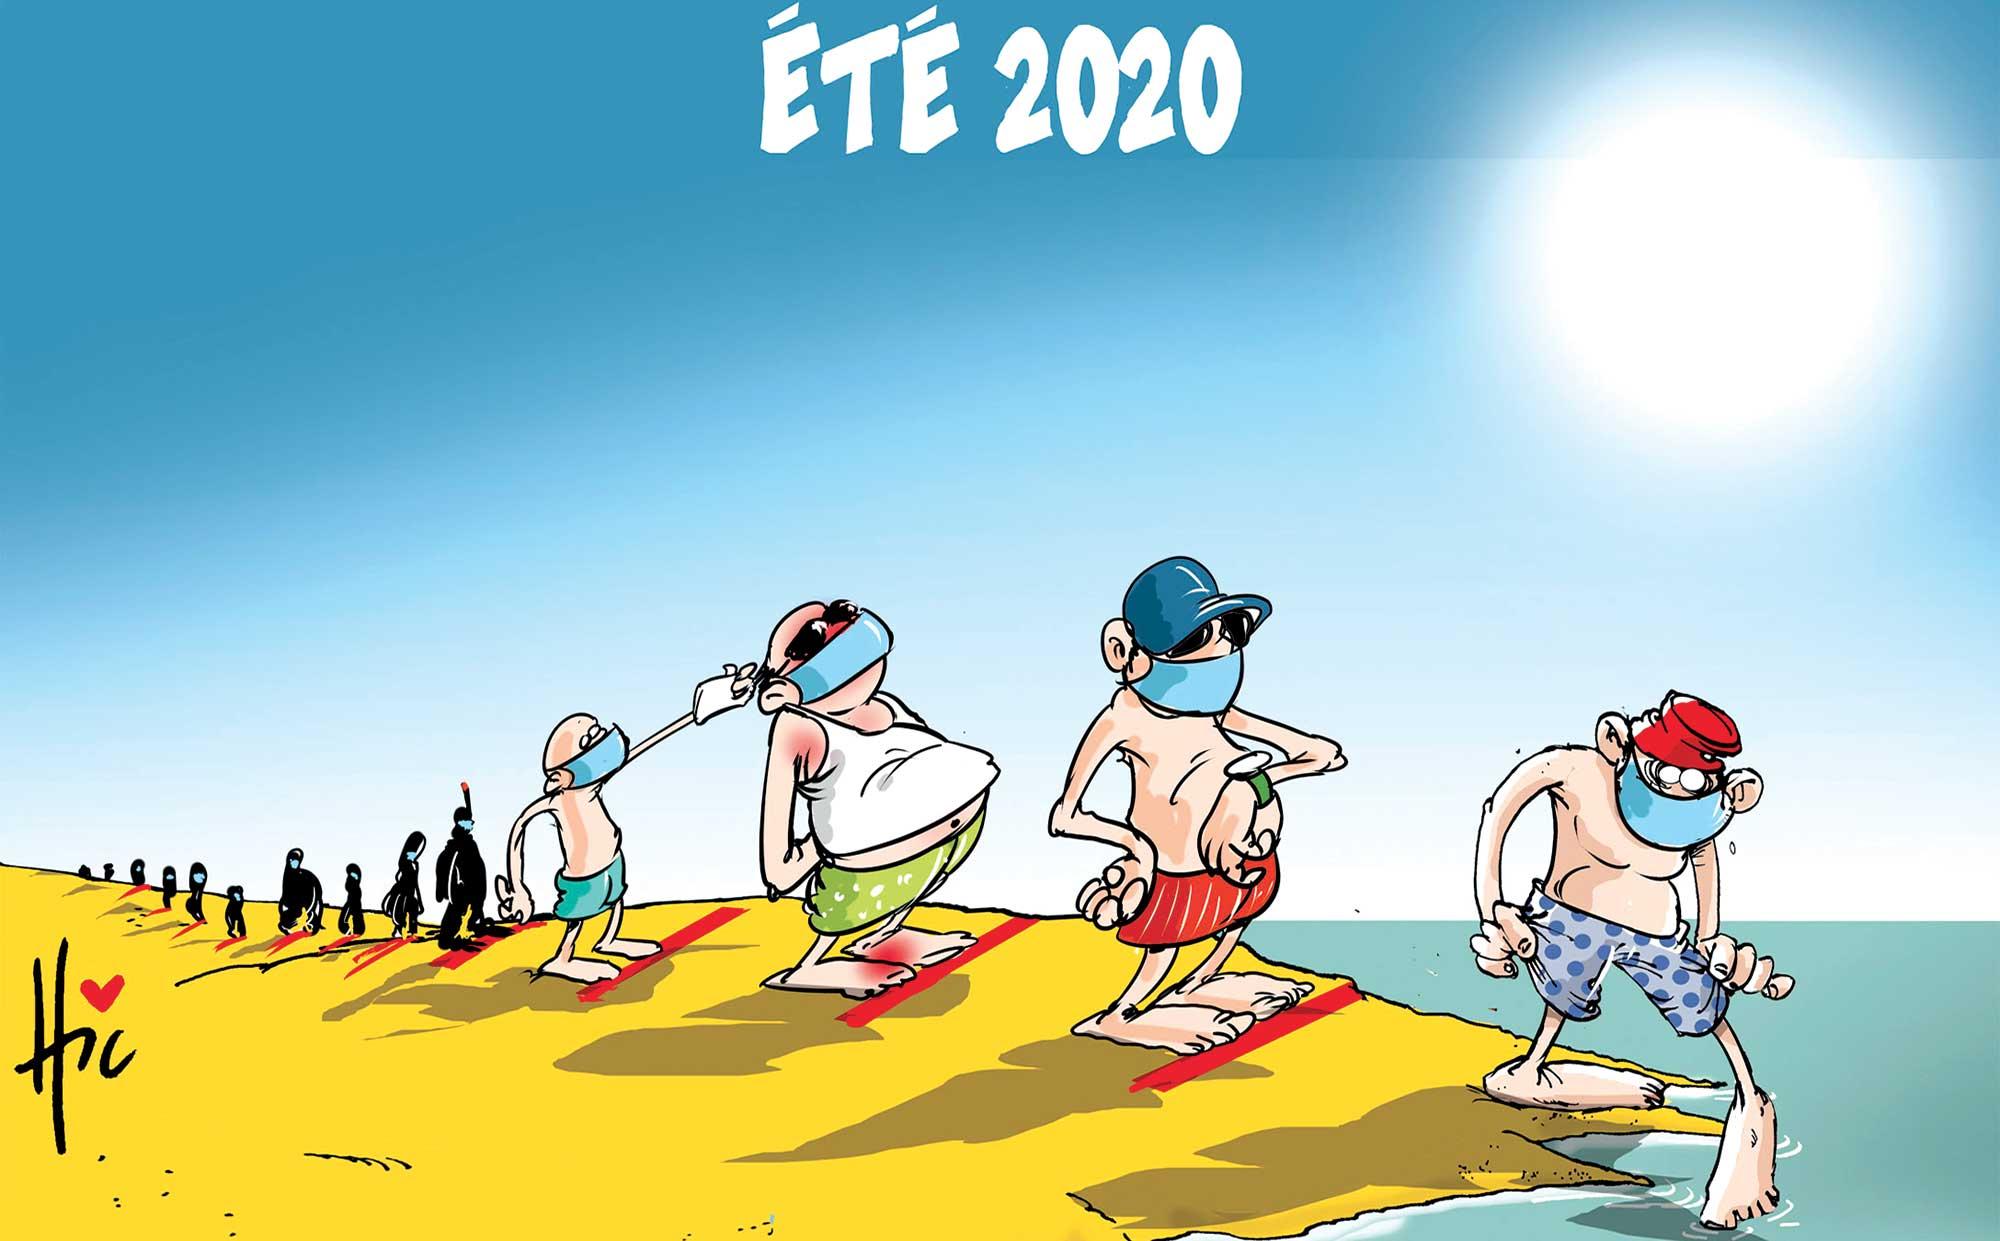 L'été 2020 sur les plage en Algérie - Le Hic - El Watan - Gagdz.com